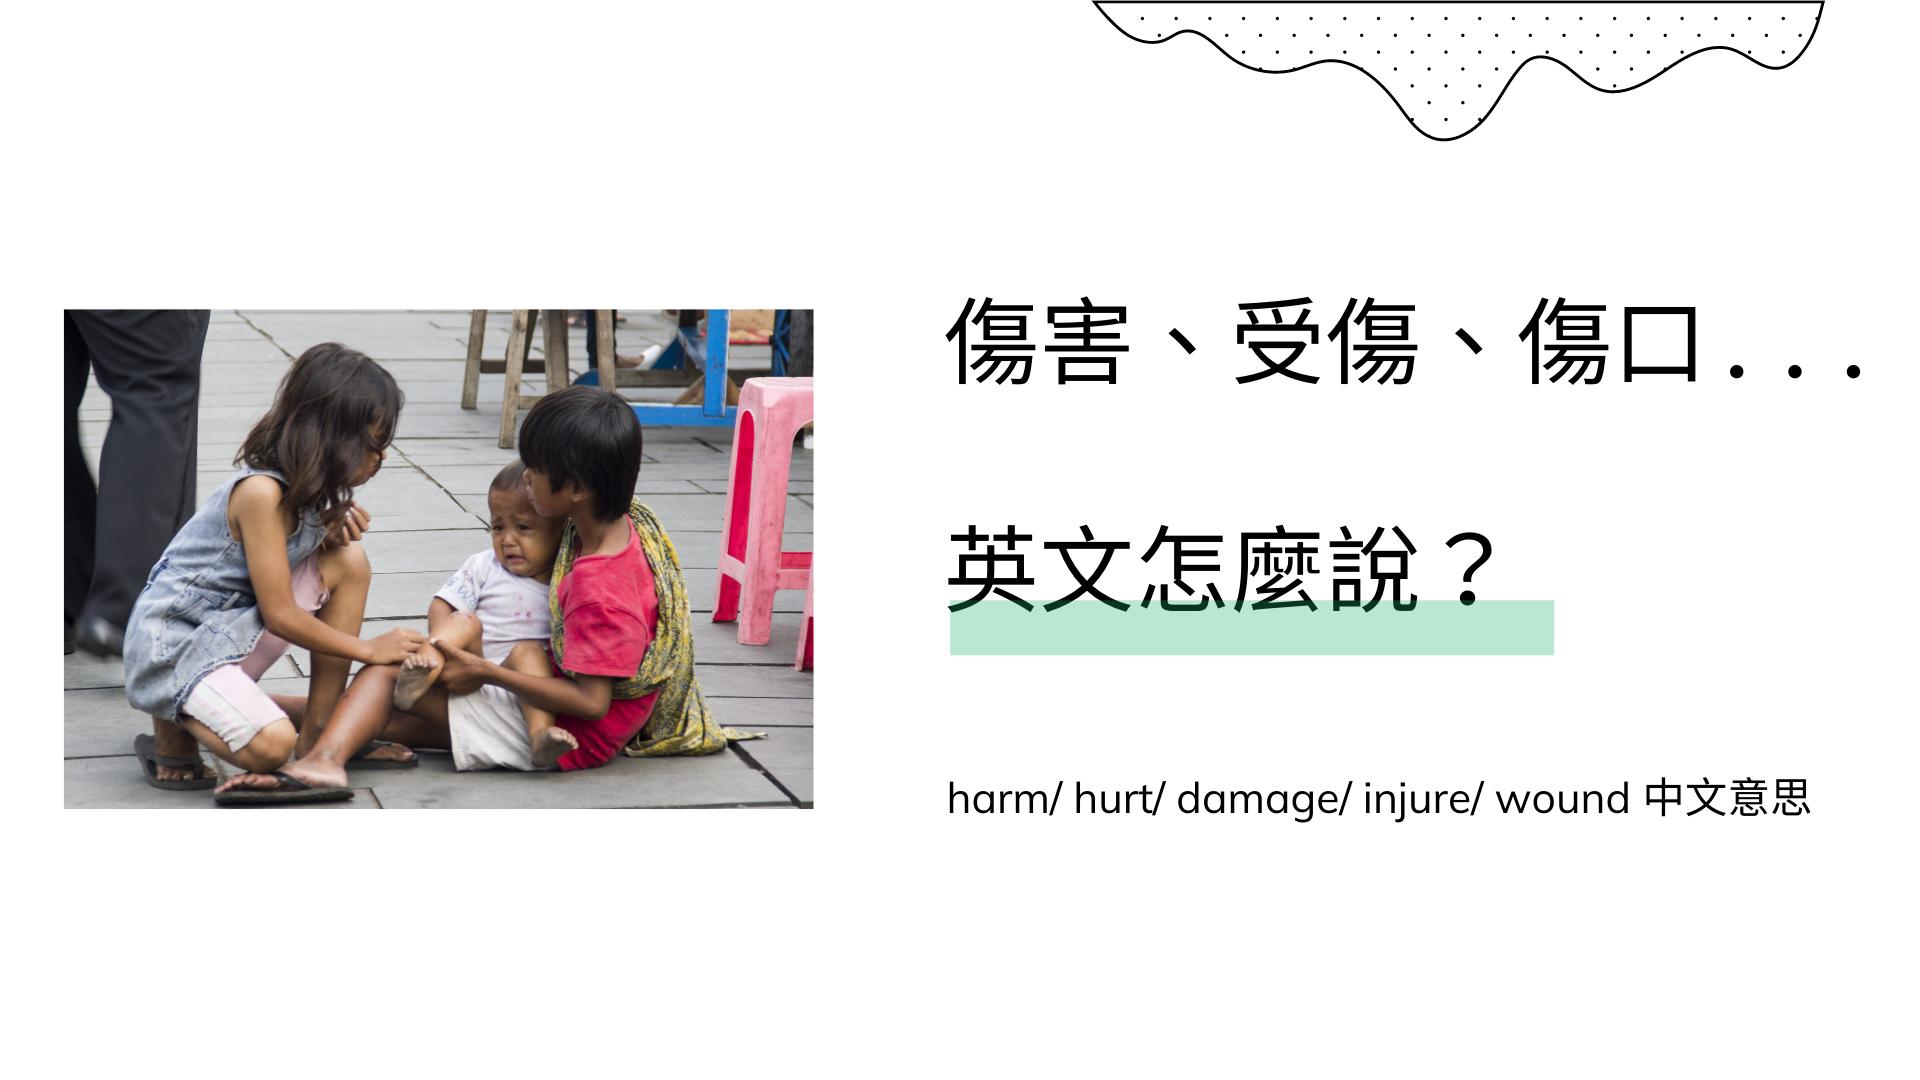 「傷害、受傷、傷口」英文怎麼說?harm/ hurt/ damage/ injure/ wound 中文意思